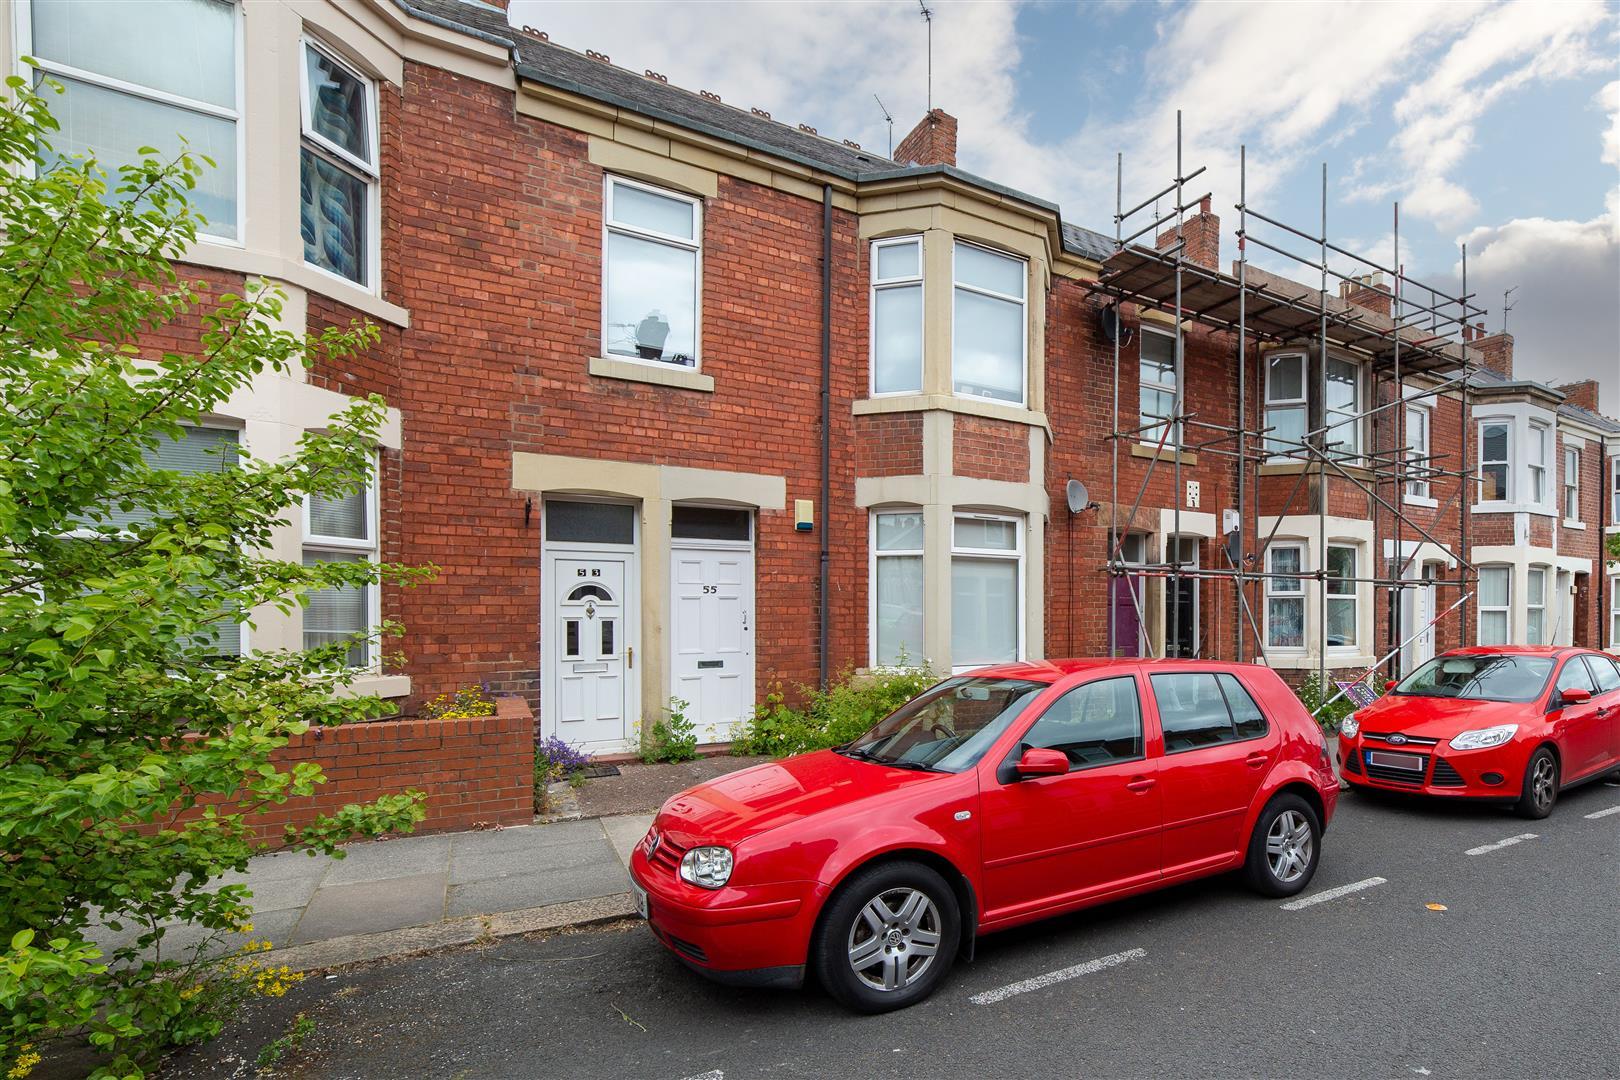 3 bed flat for sale in King John Terrace, Heaton, NE6